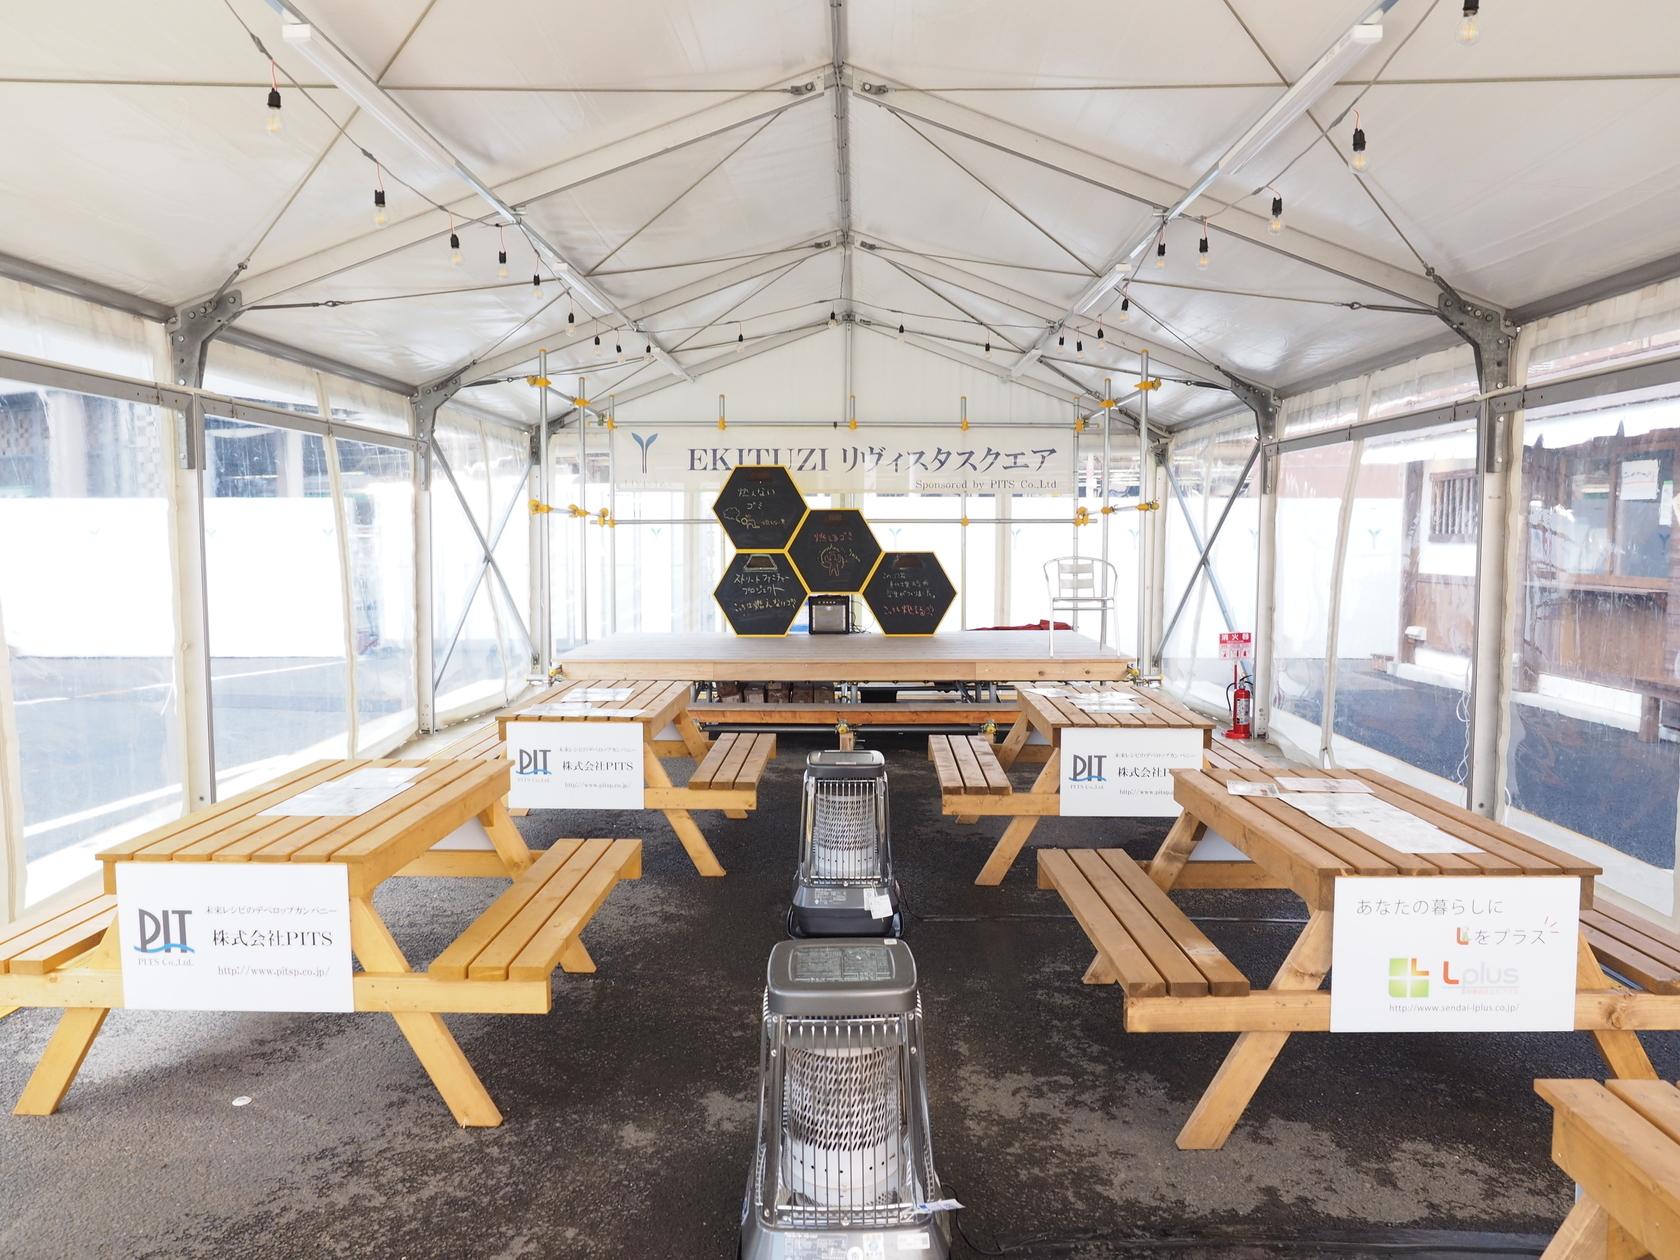 【3月~9月】【EKITUZI】仙台駅徒歩0分 ステージ/電源つき 屋根付き屋外テントスペース の写真